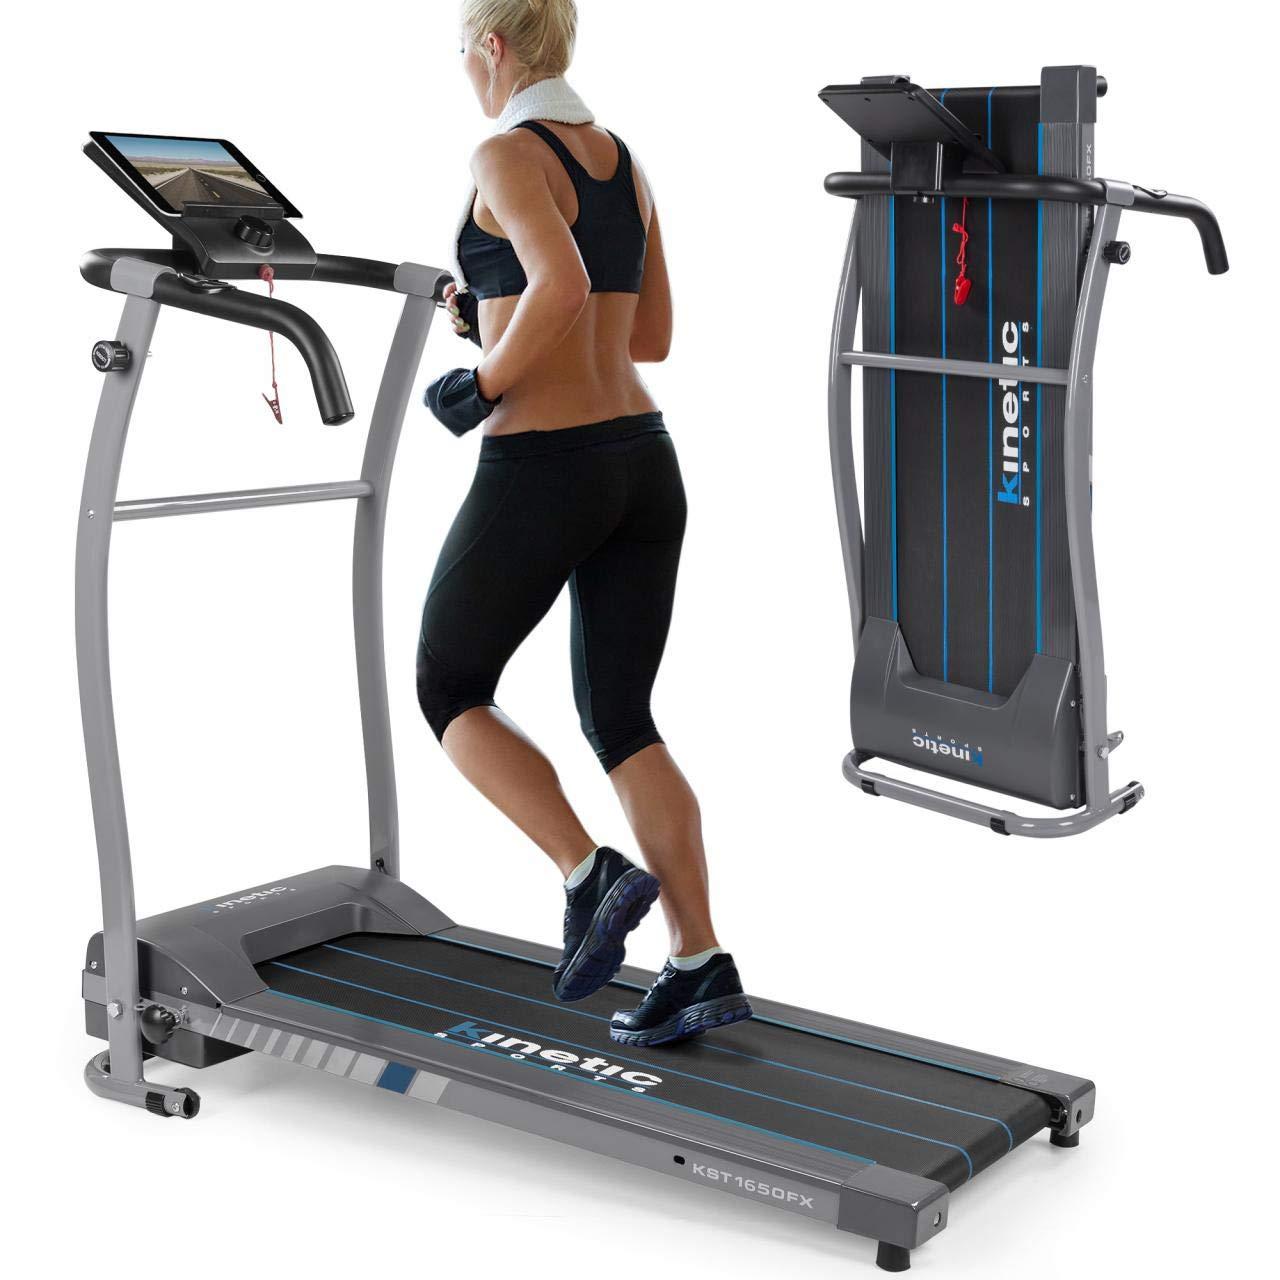 Kinetic Sports Laufband 500 Watt leiser Elektromotor 6 Pogramme, GEH- und Lauftraining, Tablethalterung, stufenlos einstellbar bis 10 km/h, klappbar